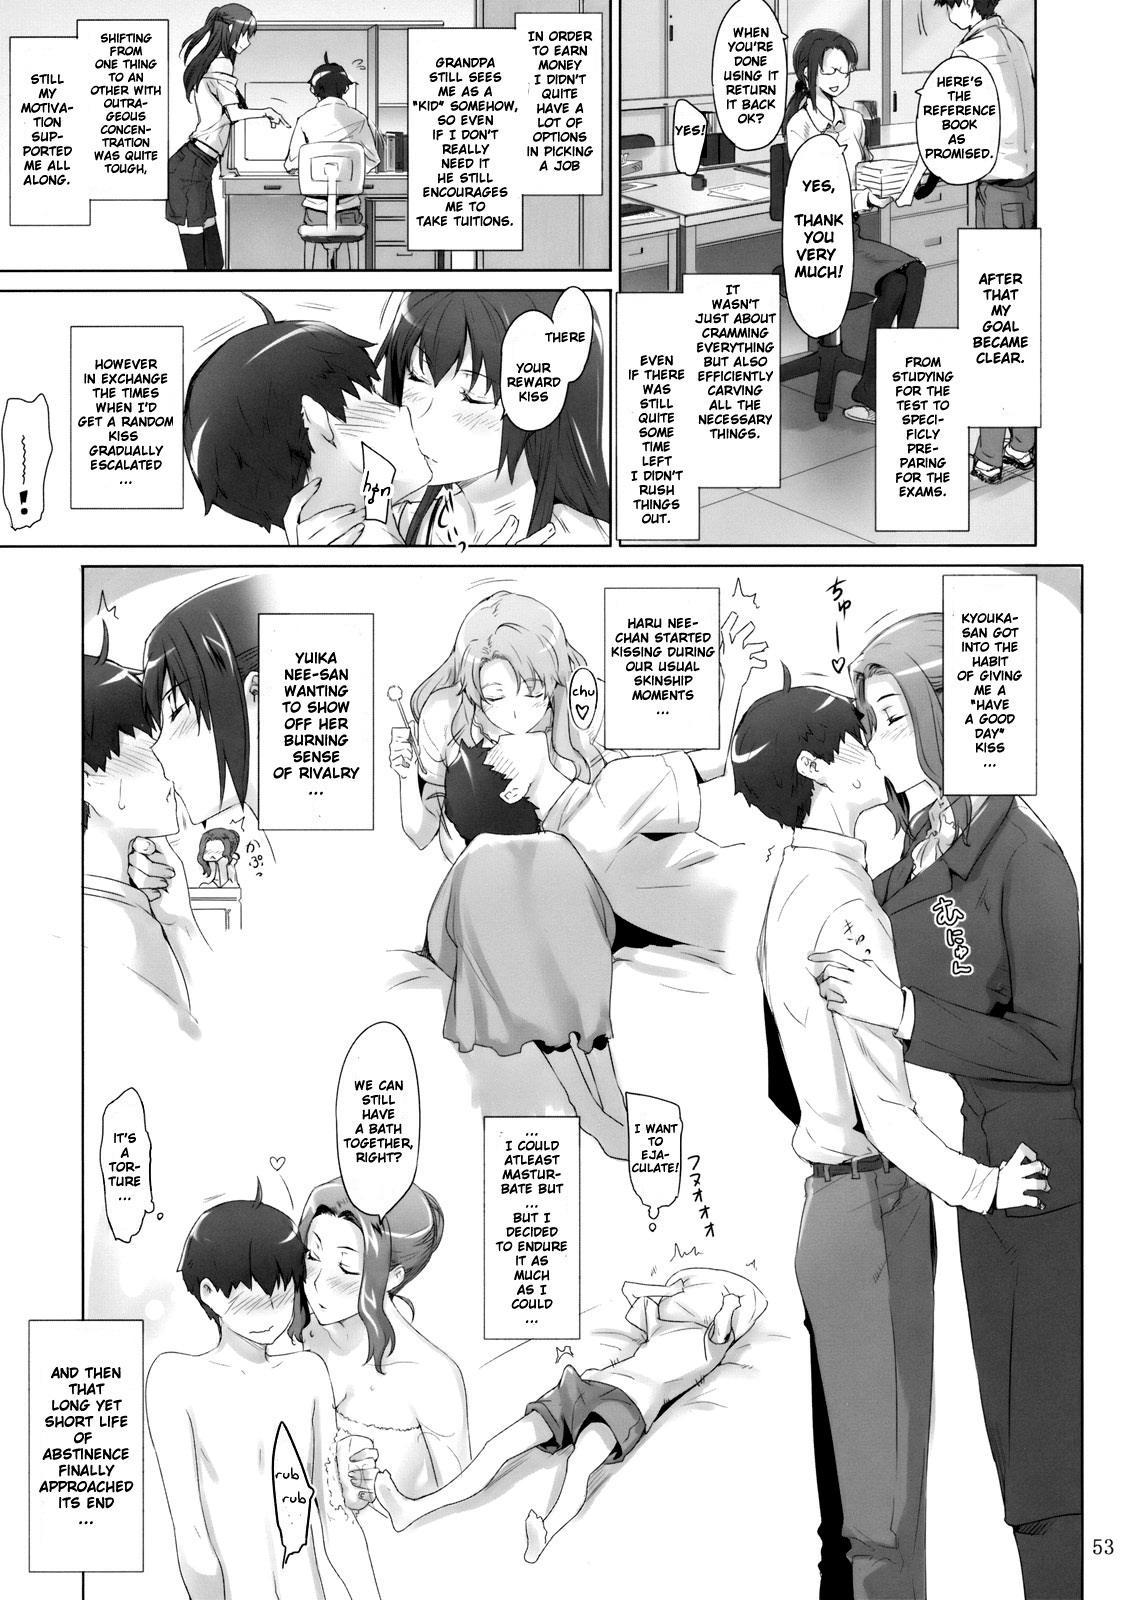 (C81) [MTSP (Jin)] Tachibana-san-chi no Dansei Jijou | Tachibana-san's Circumstances With a Man [English] {doujin-moe.us} 51